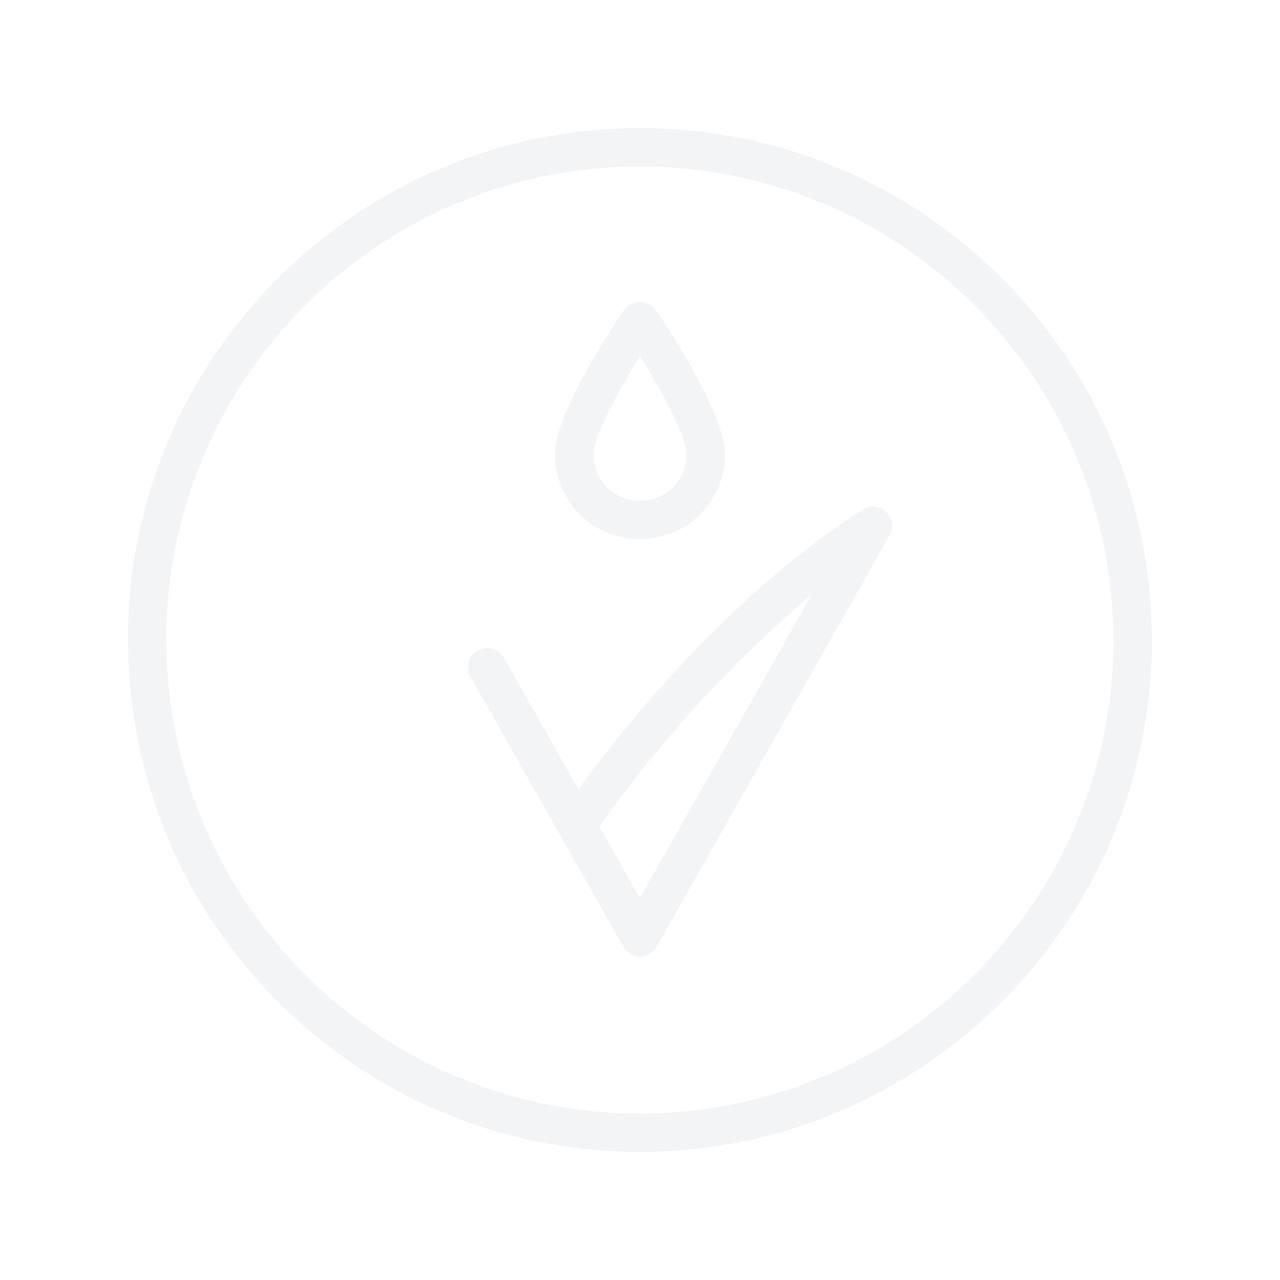 Sleek Makeup Brow Kit No.819 Extra Dark 3.8g